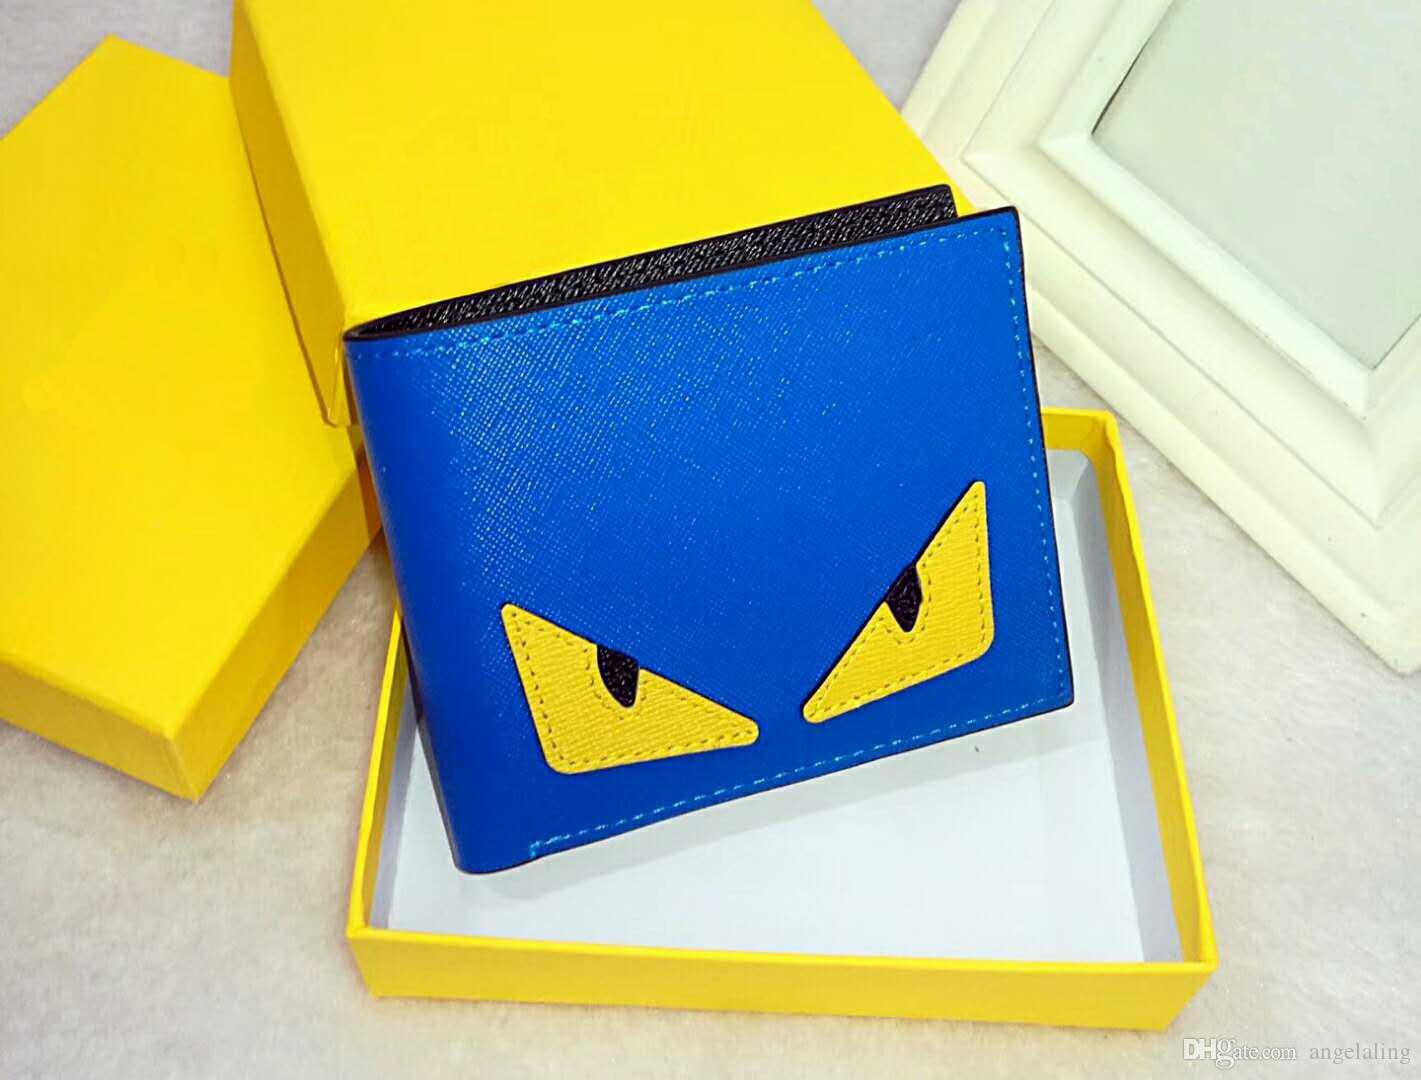 Высококачественная искусственная кожа, модный кросс-кошелек, мужские дизайнерские кошельки, карманные сумки, европейский стиль, фирменные кошельки с коробкой с коробкой